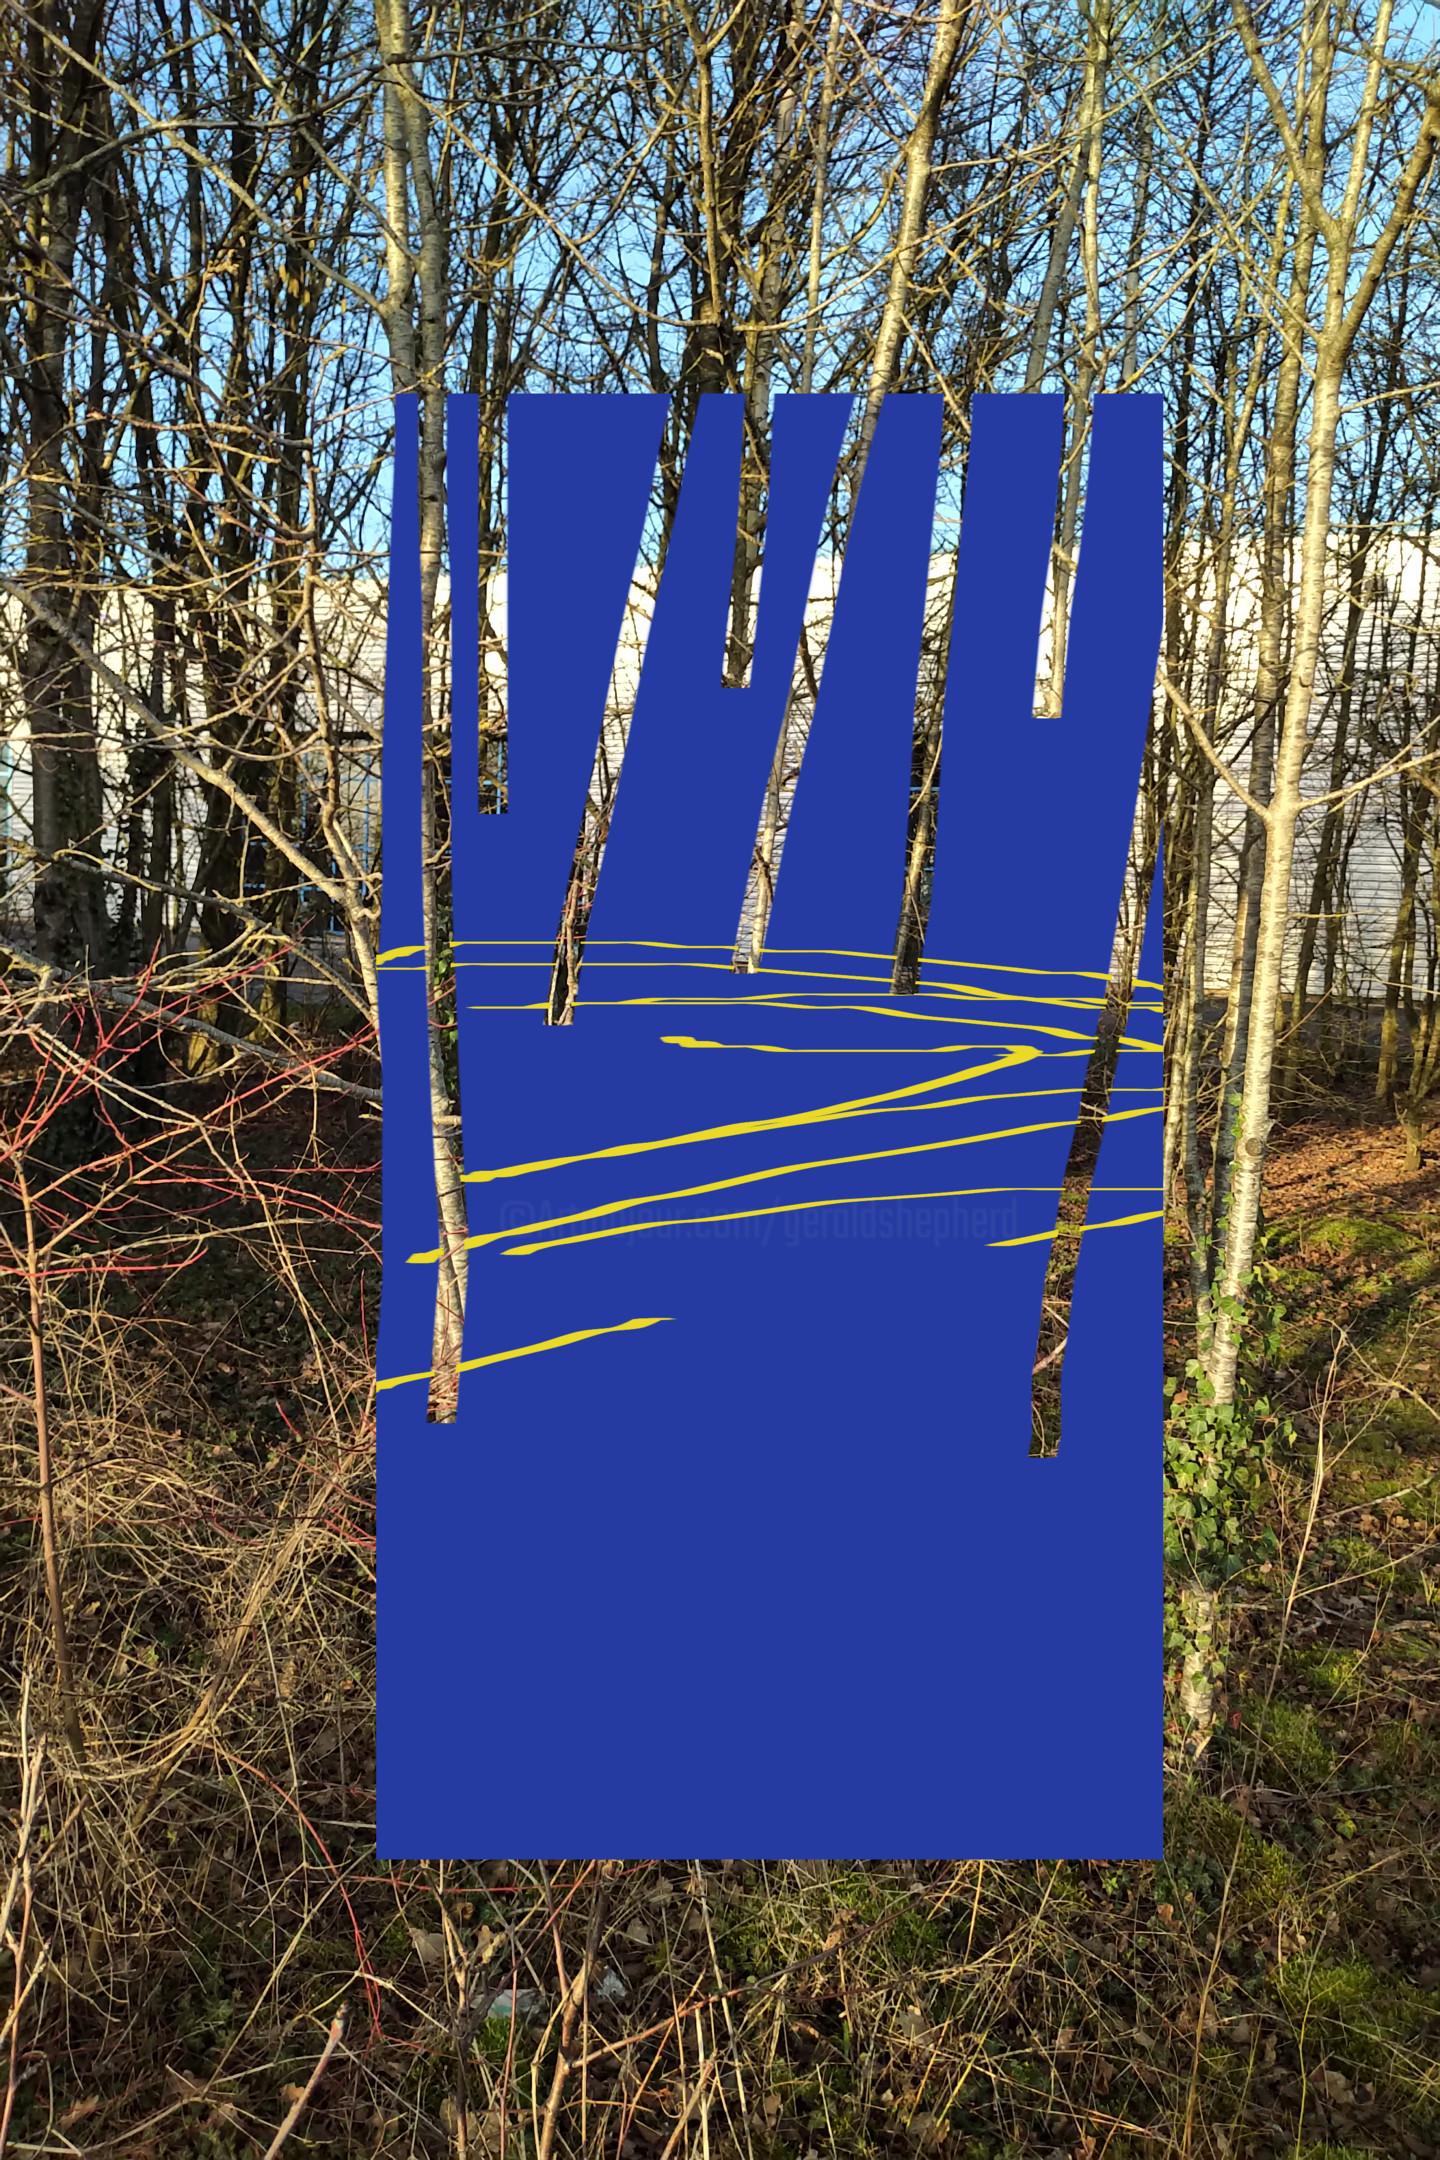 Gerald Shepherd - The Space Between Trees